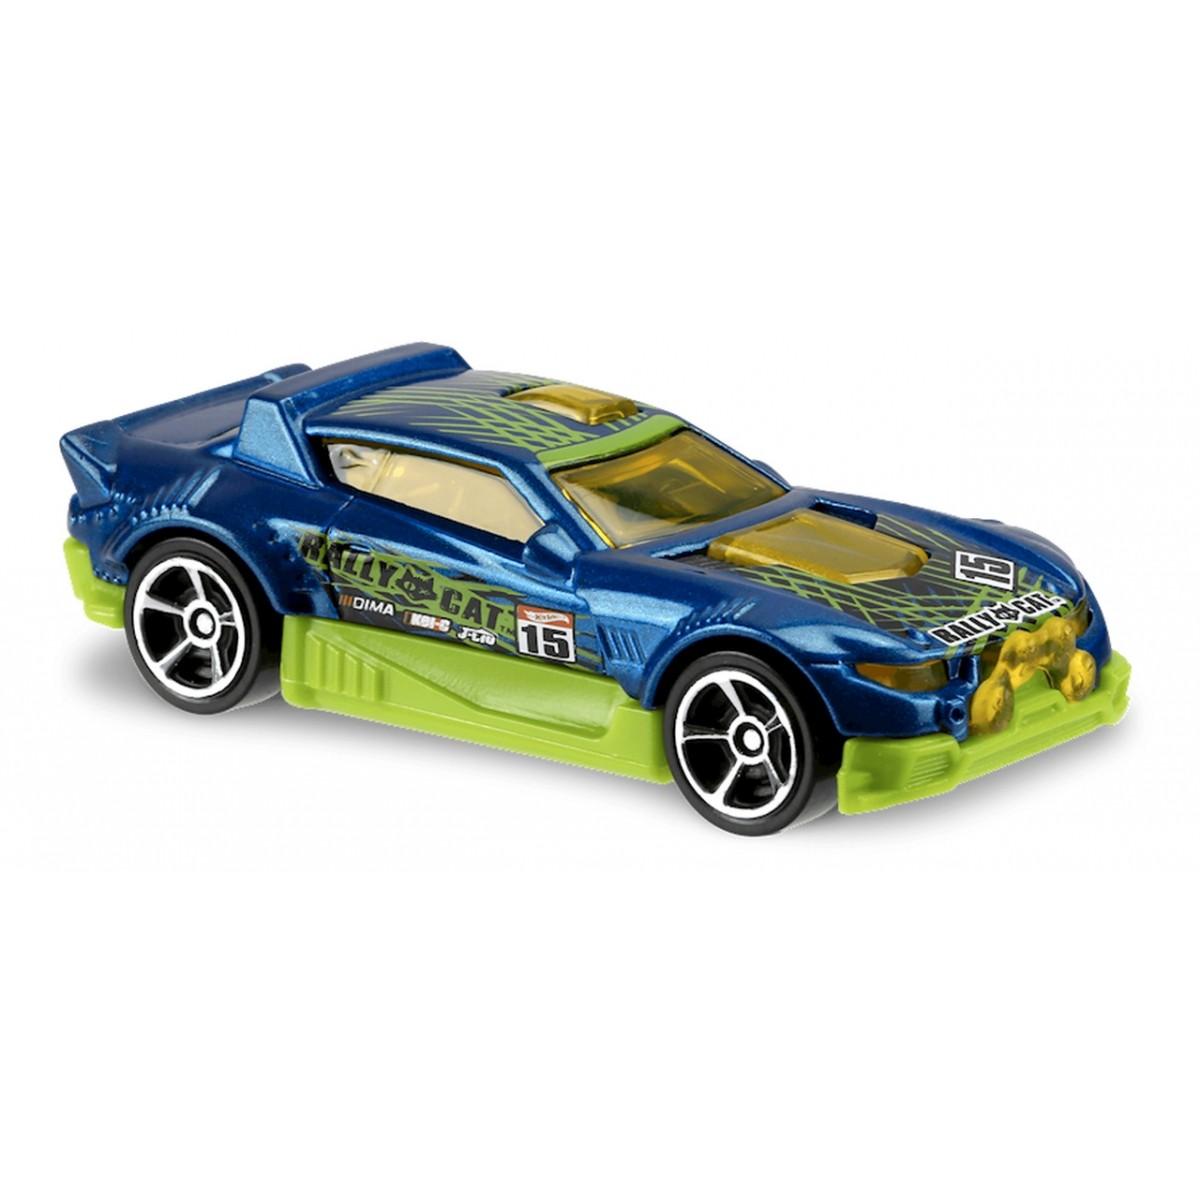 Carrinho Hot Wheels: Rally Cat Azul e Verde